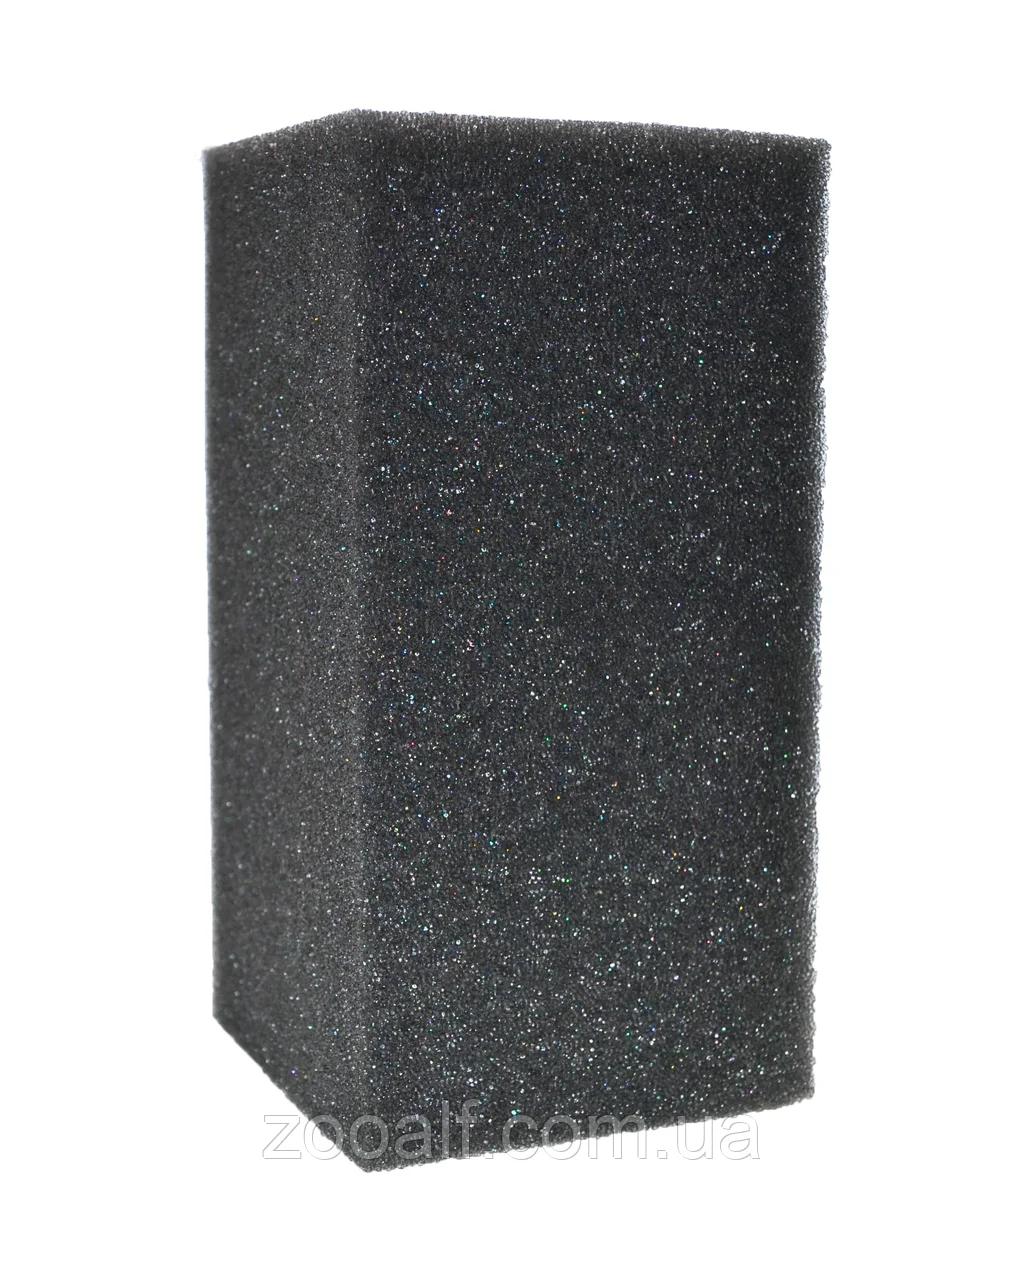 Фильтрующая губка для фильтра аквариумного прямоугольная серая 16х5,5х5 см